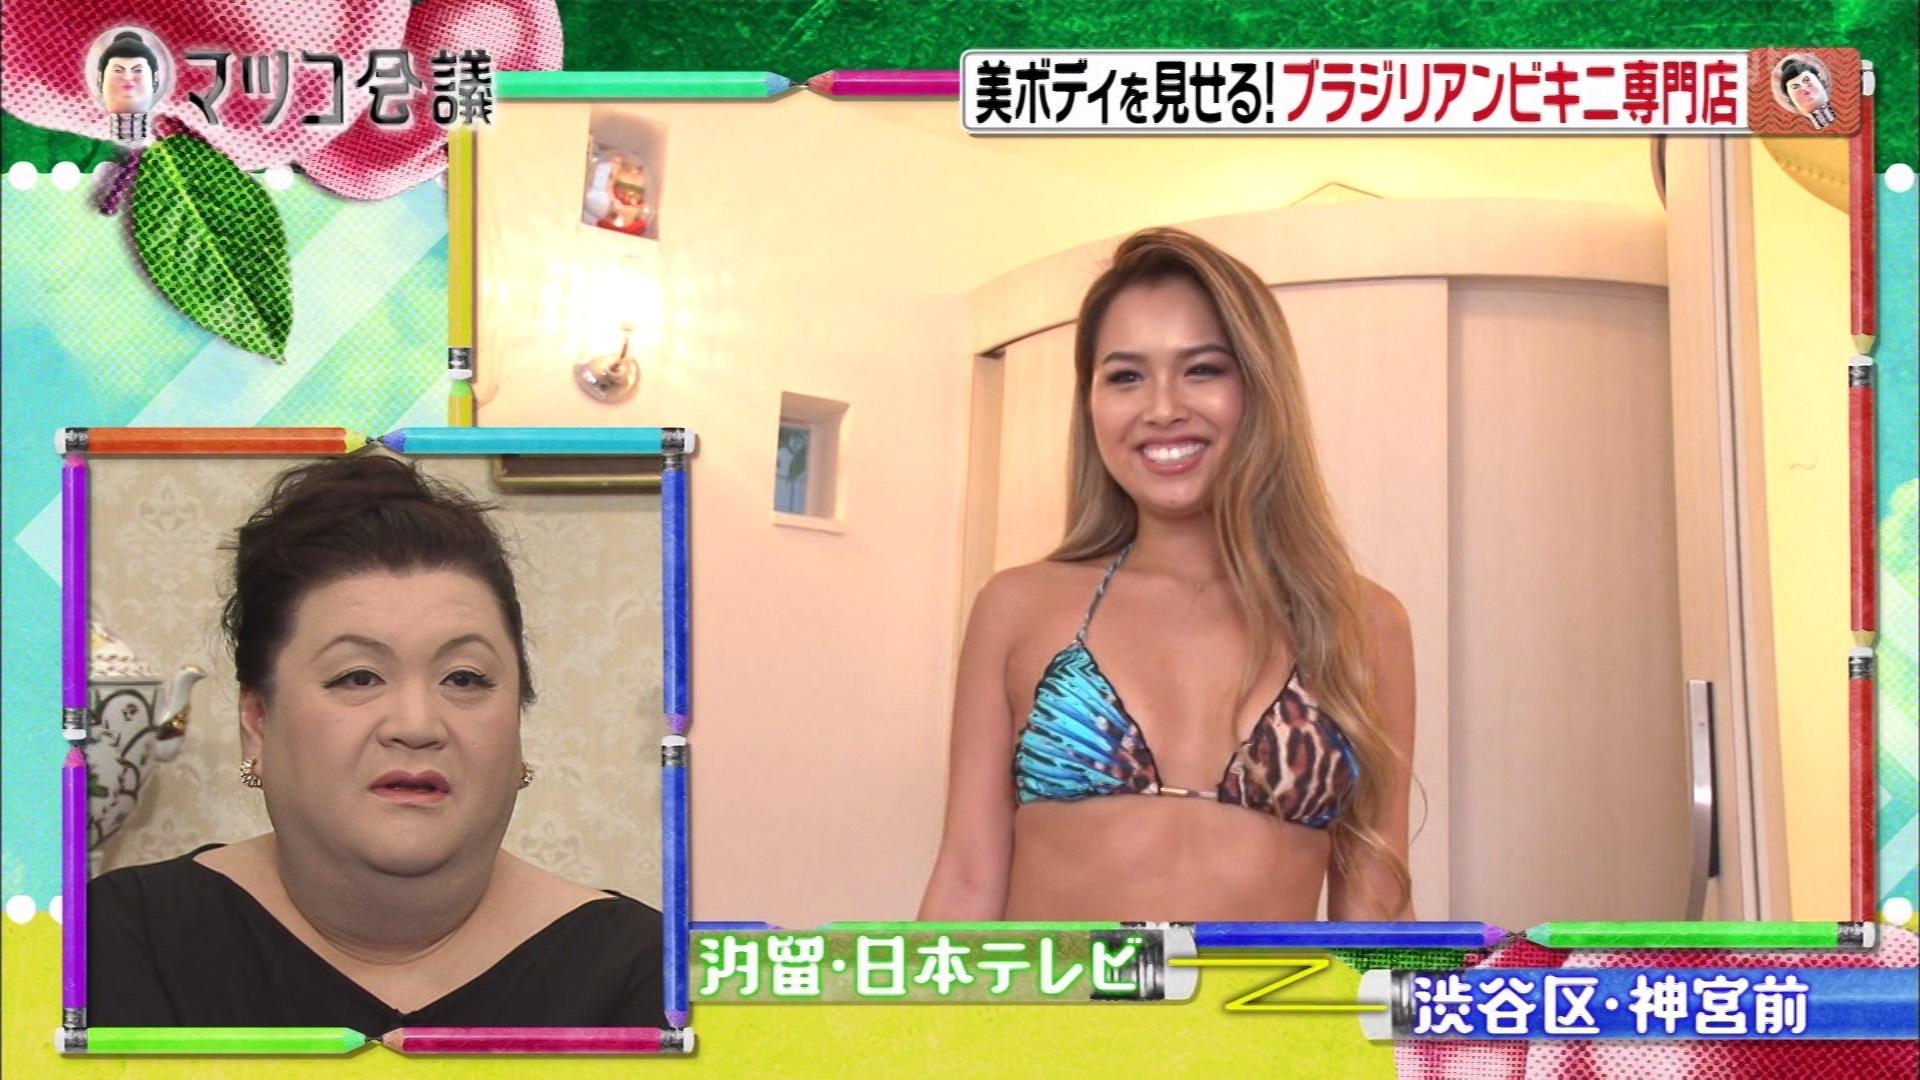 ブラジリアンビキニ_お尻_テレビキャプ画像_05